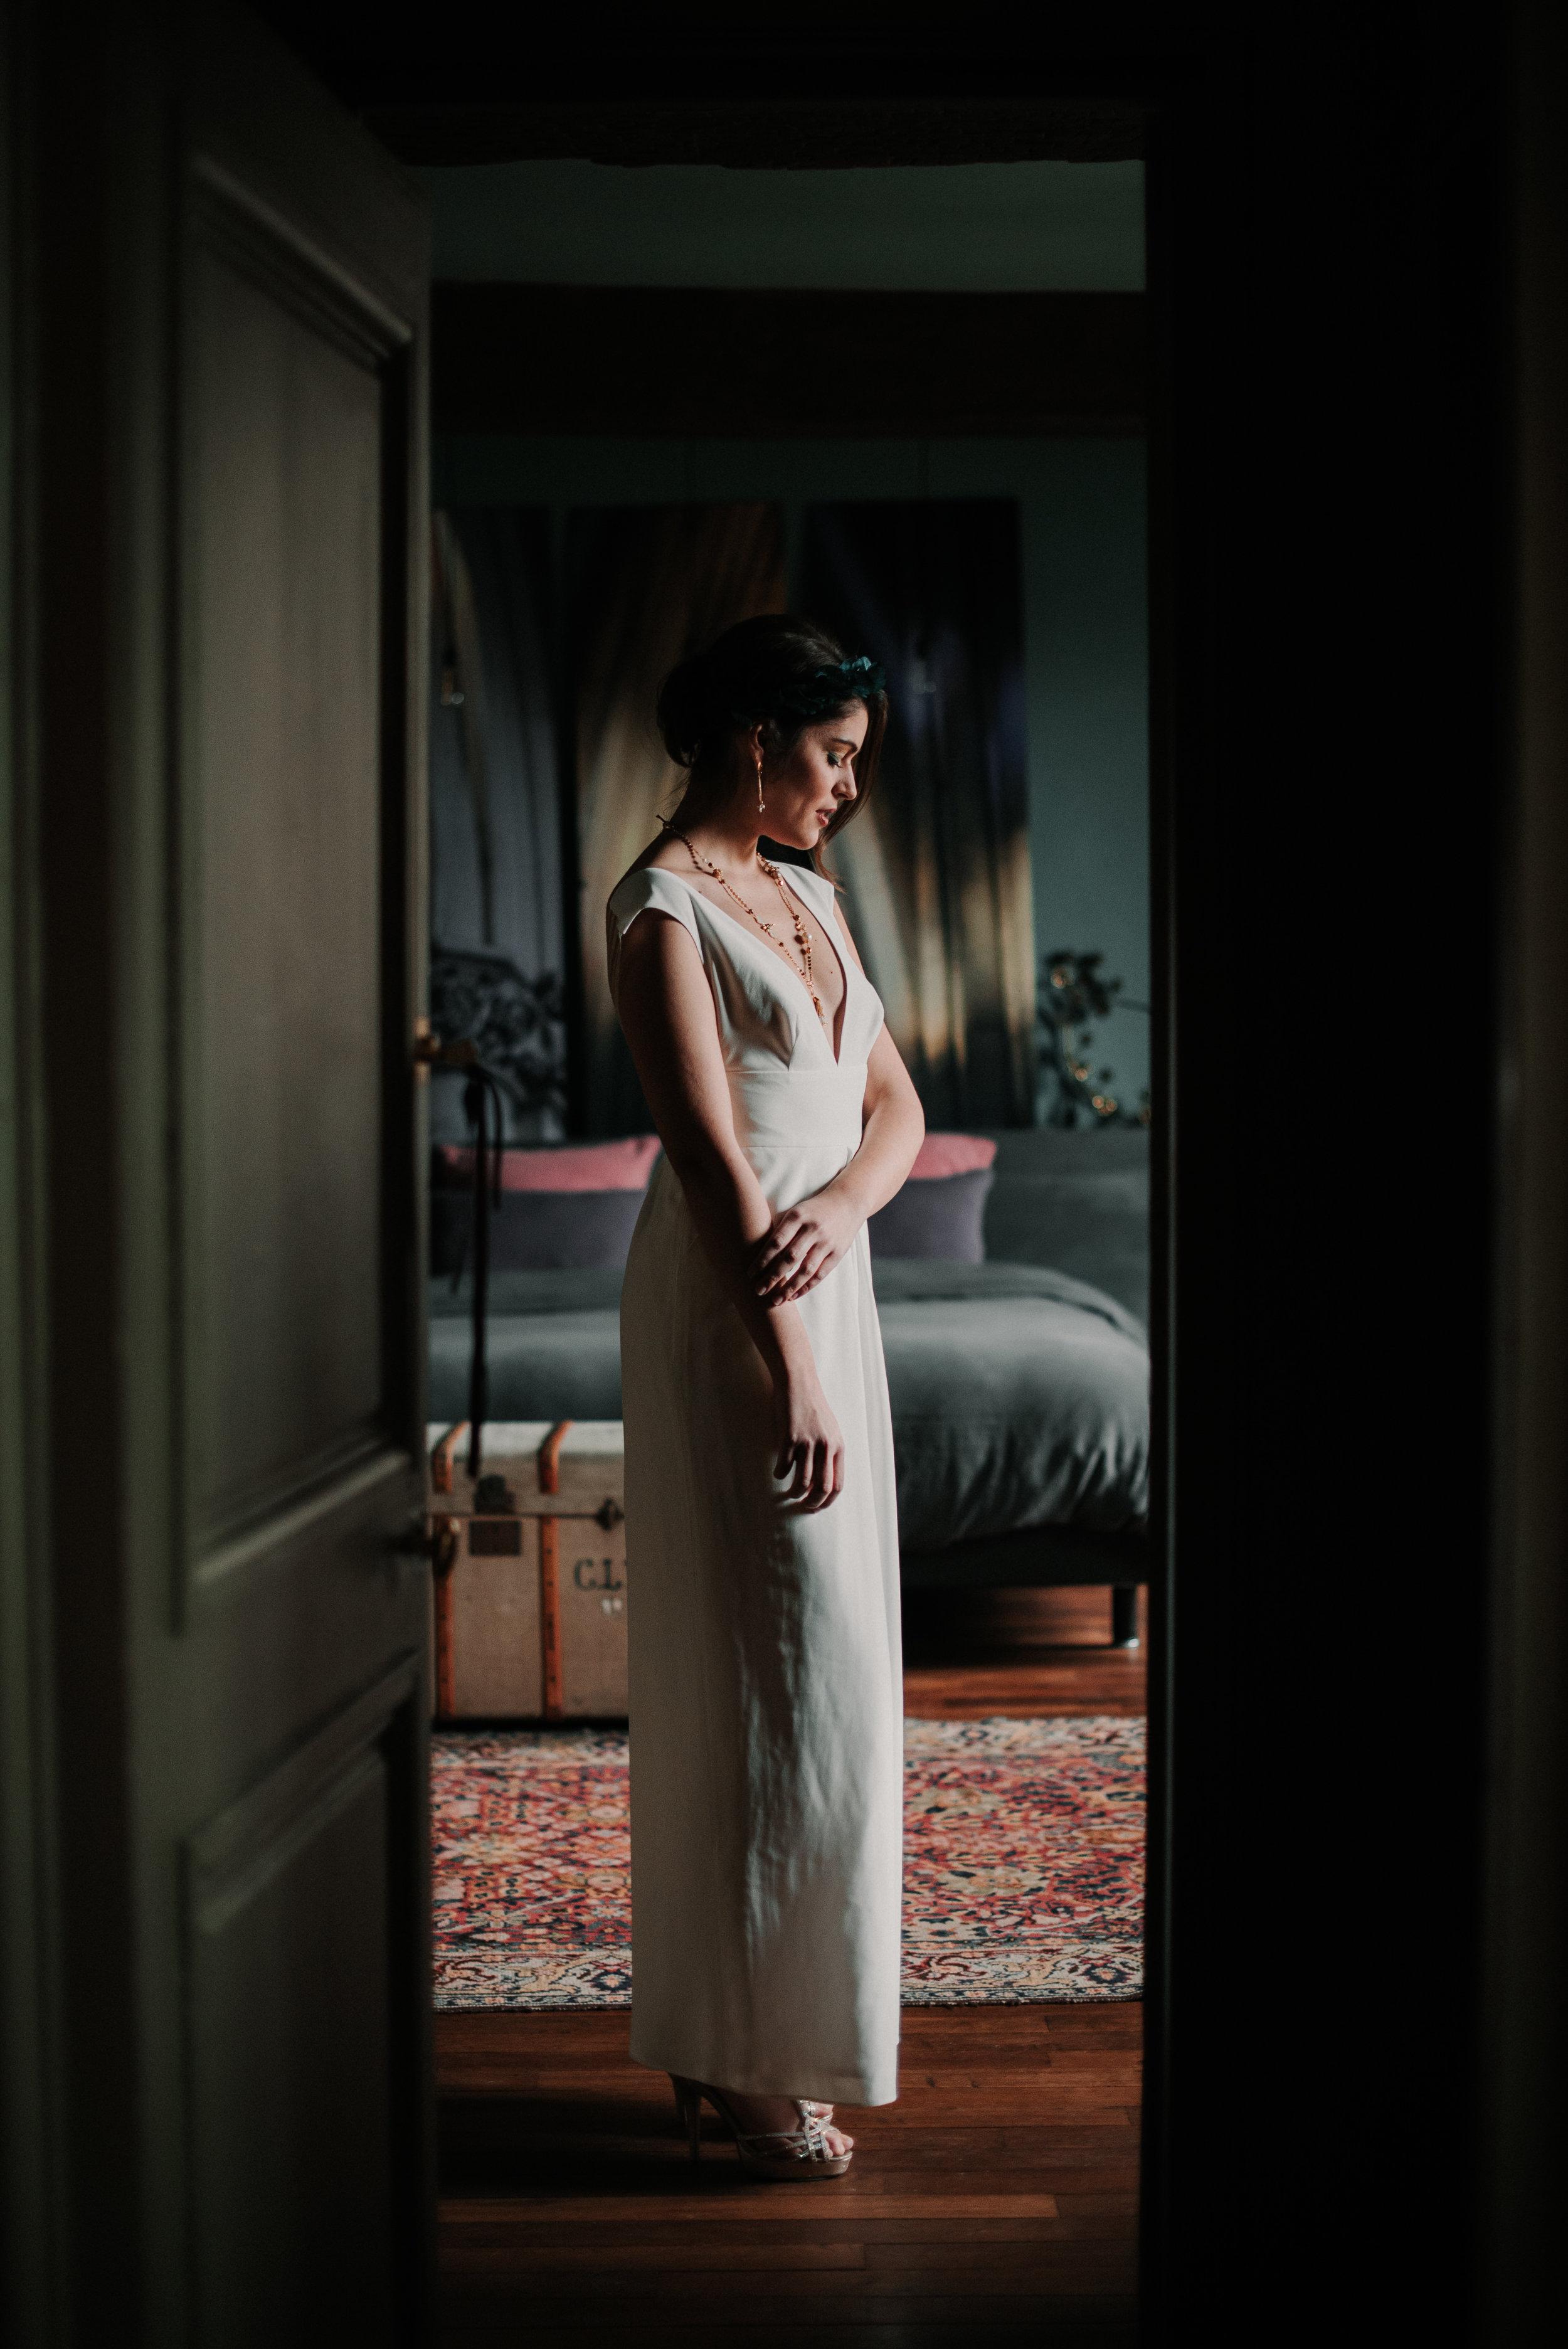 Léa-Fery-photographe-professionnel-lyon-rhone-alpes-portrait-creation-mariage-evenement-evenementiel-famille-3792.jpg